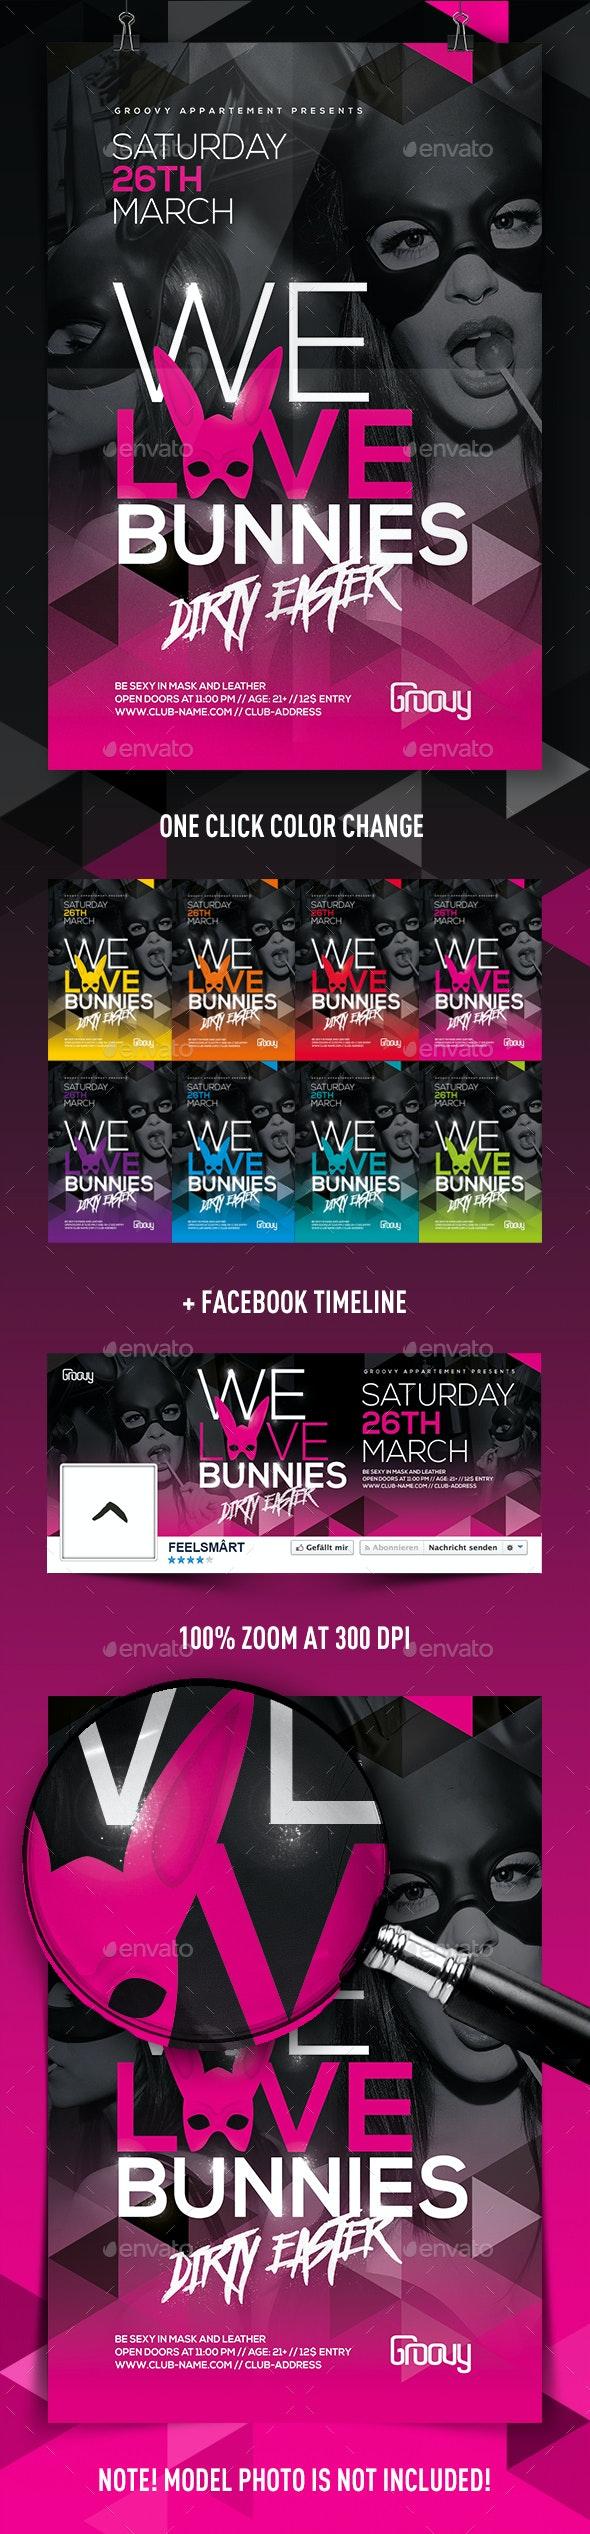 We Love Bunnies Flyer - Clubs & Parties Events